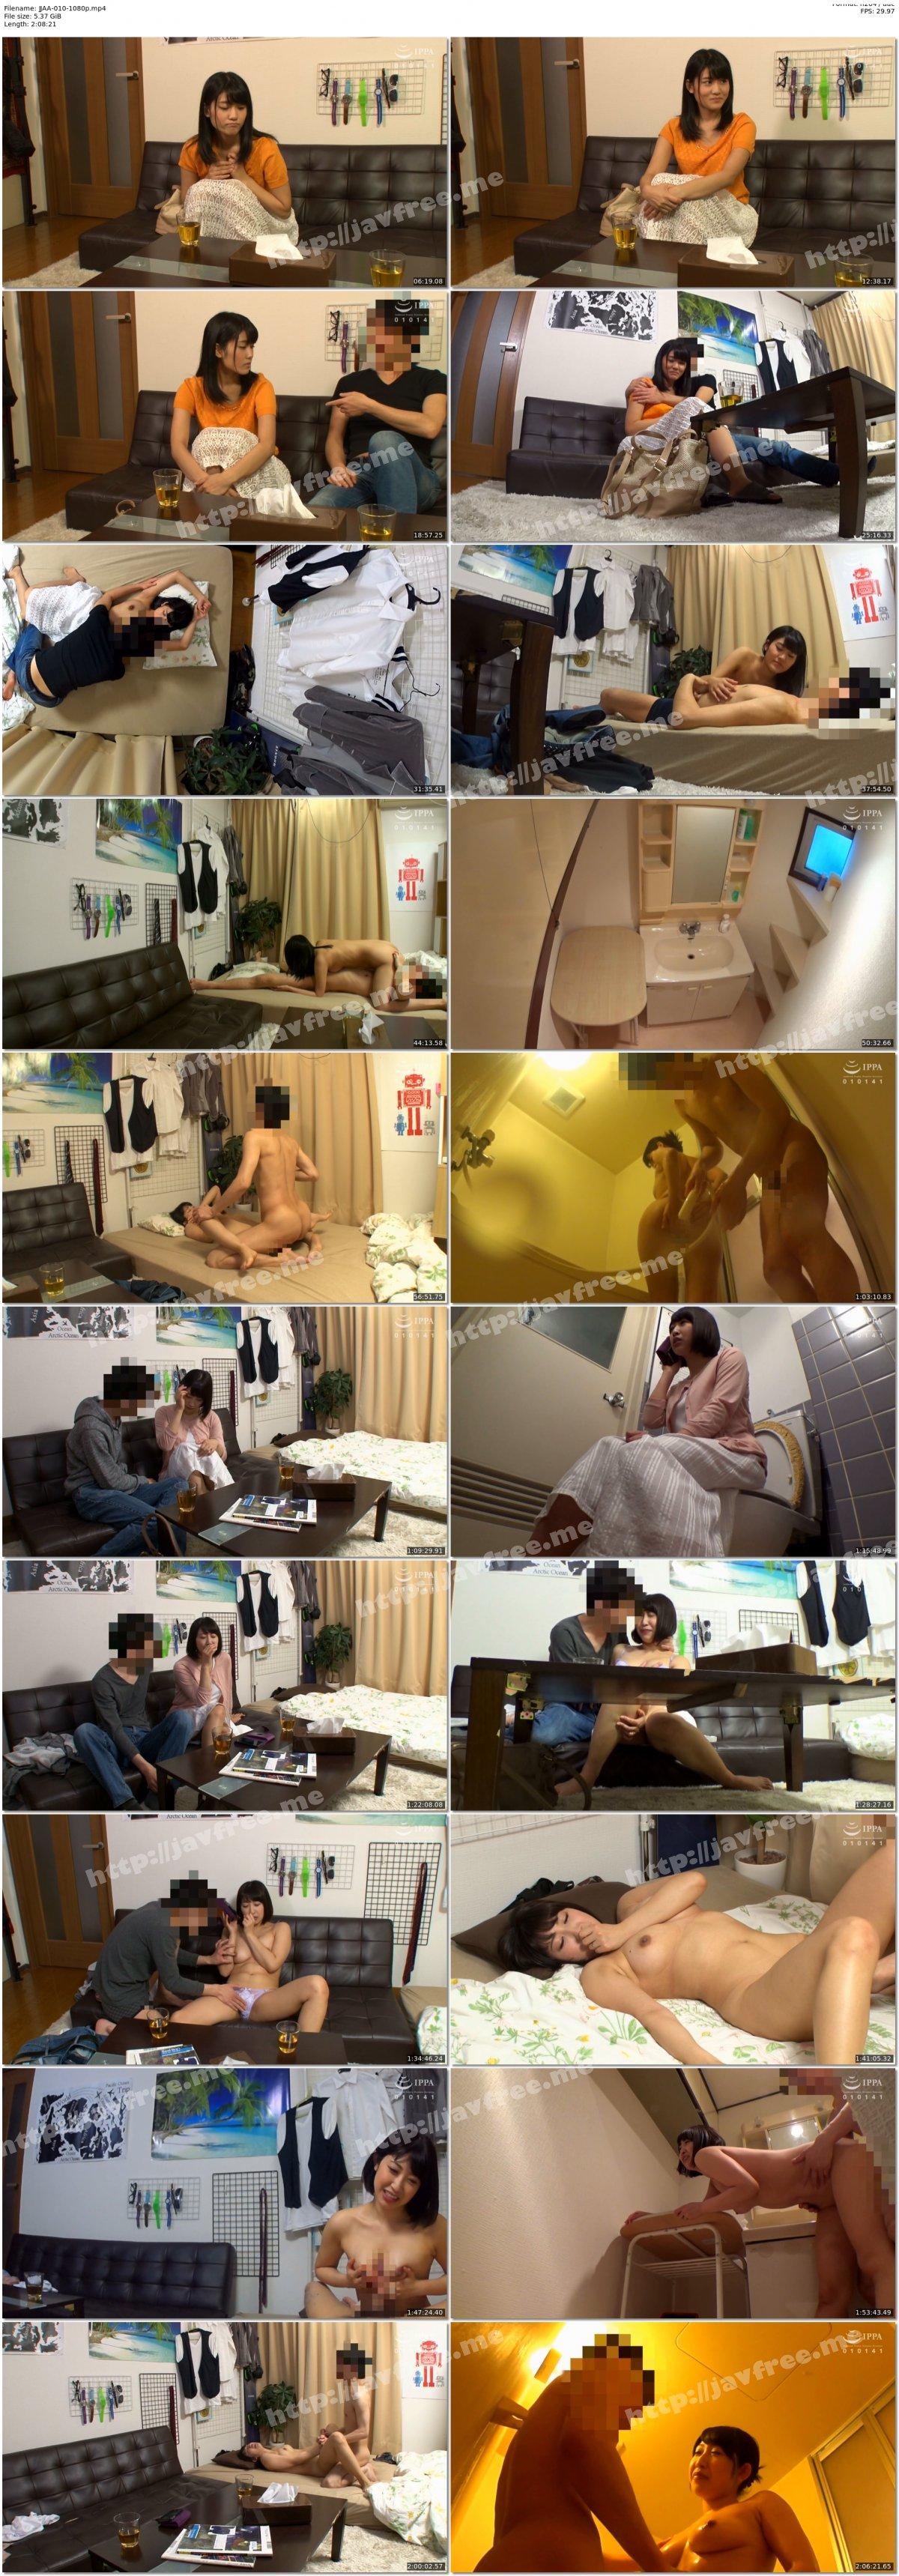 [HD][JJAA-010] 飲み会帰りに終電を逃して困っている熟女を自宅に1泊させてあげました。10 - image JJAA-010-1080p on https://javfree.me